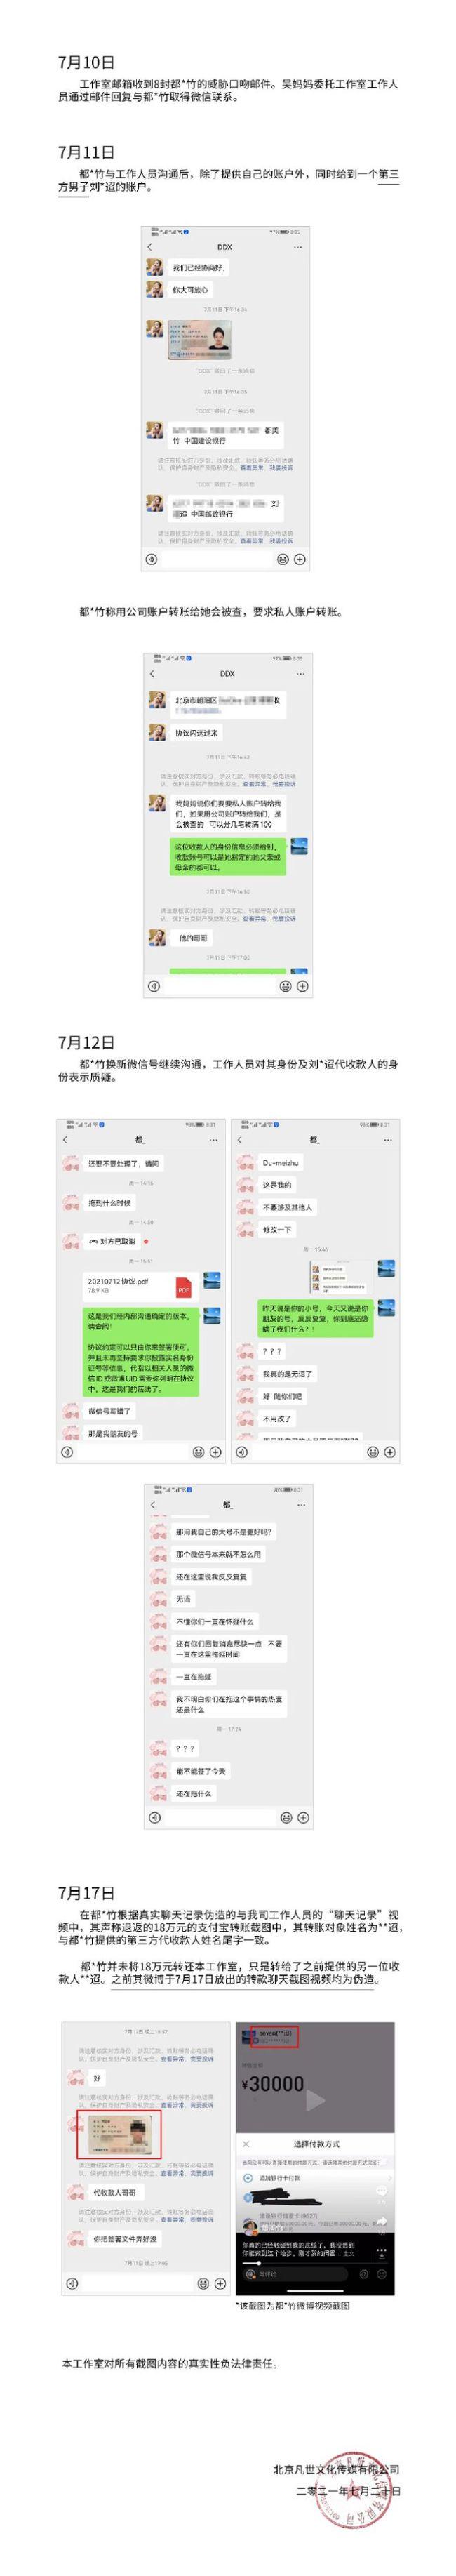 吴亦凡方回应与都美竹转账争议:她自导自演